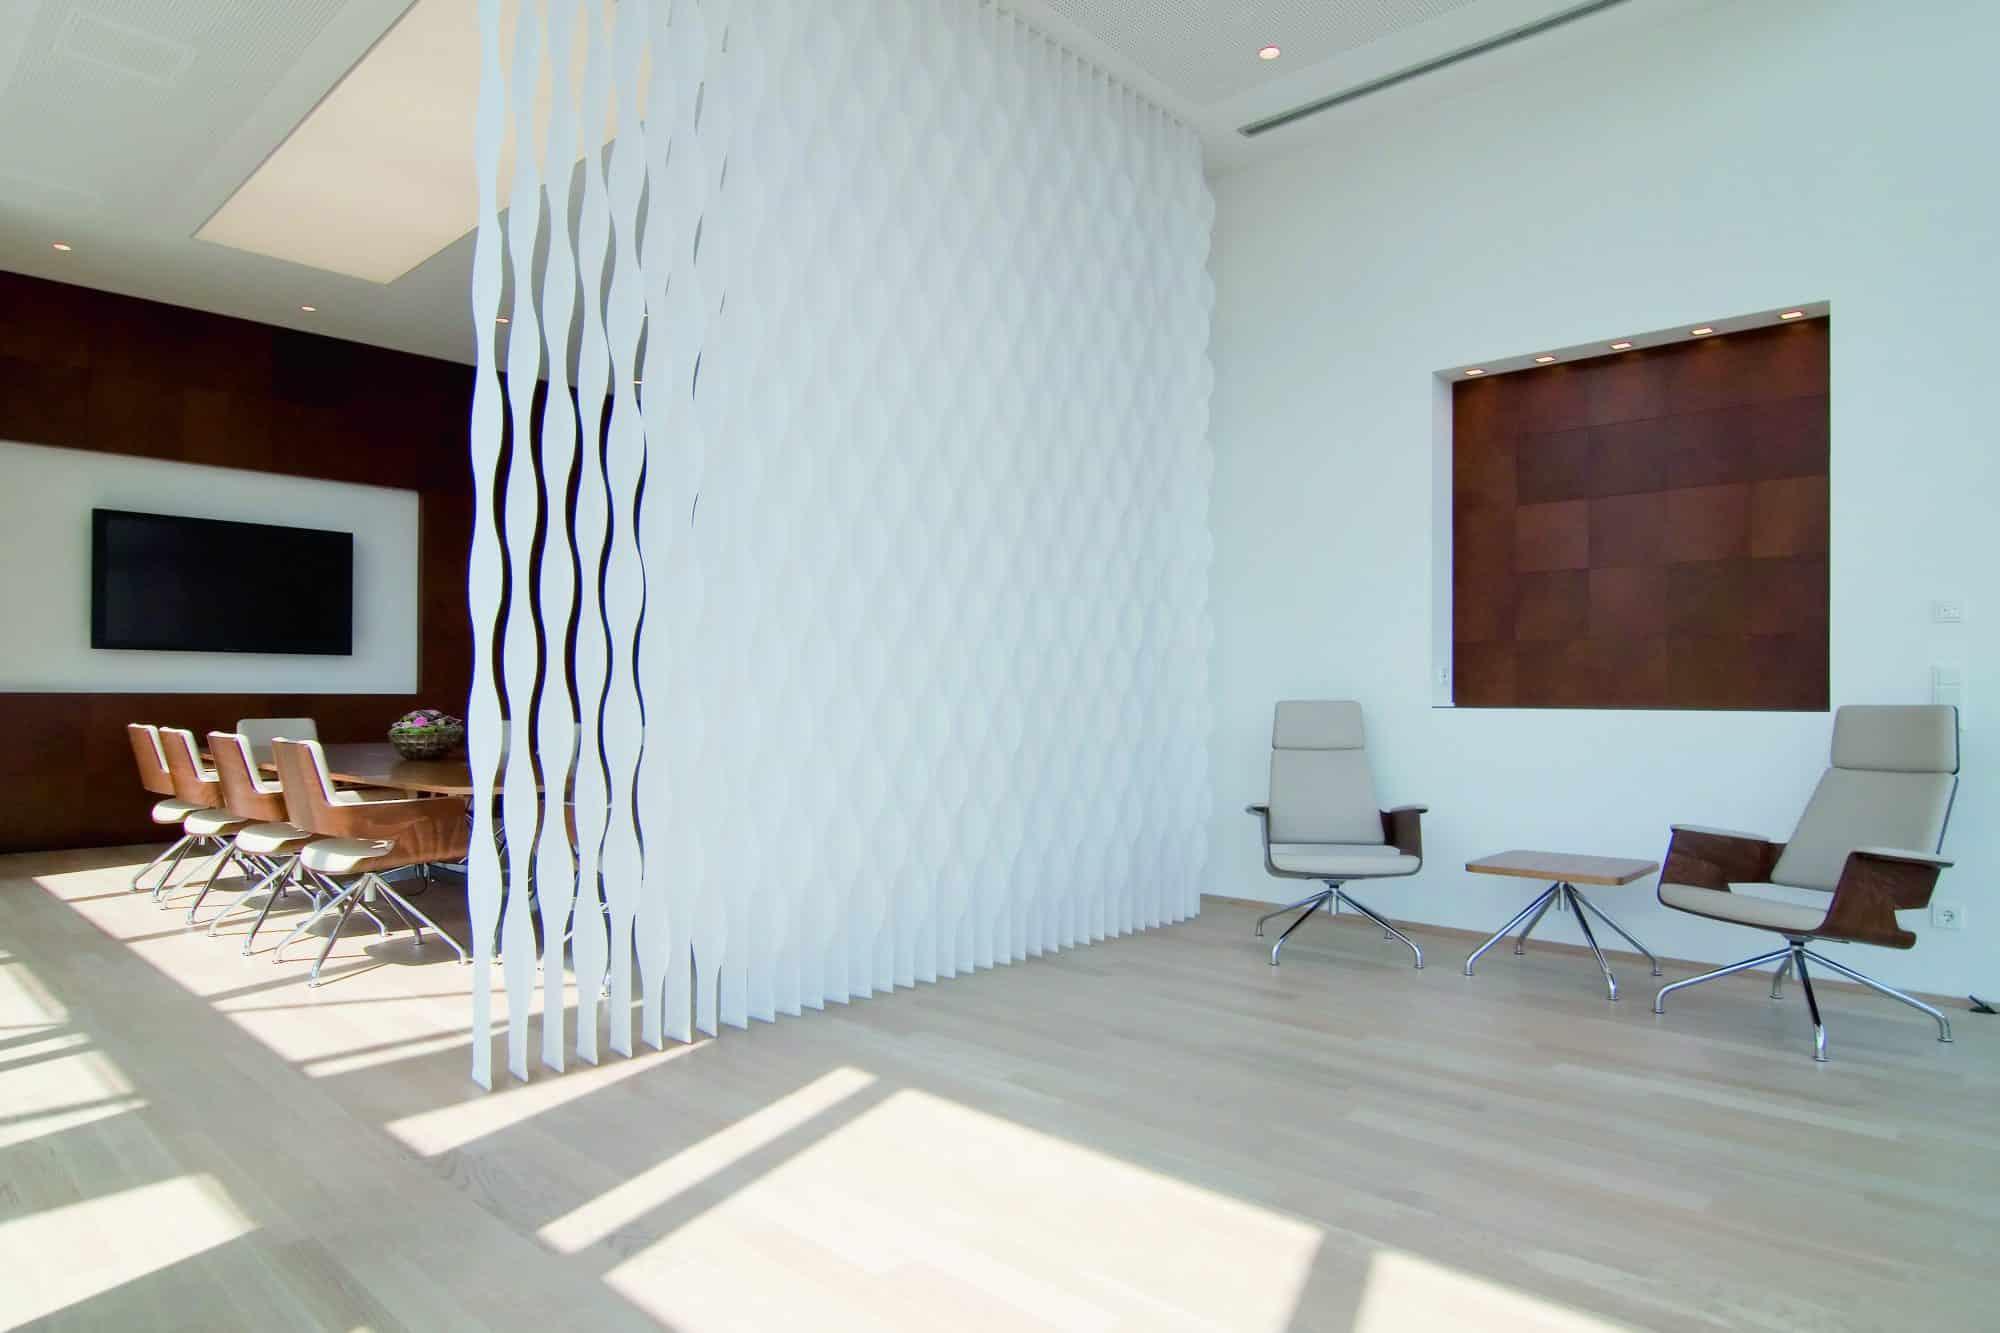 etofea nouveau design pour les stores bandes verticales waves. Black Bedroom Furniture Sets. Home Design Ideas